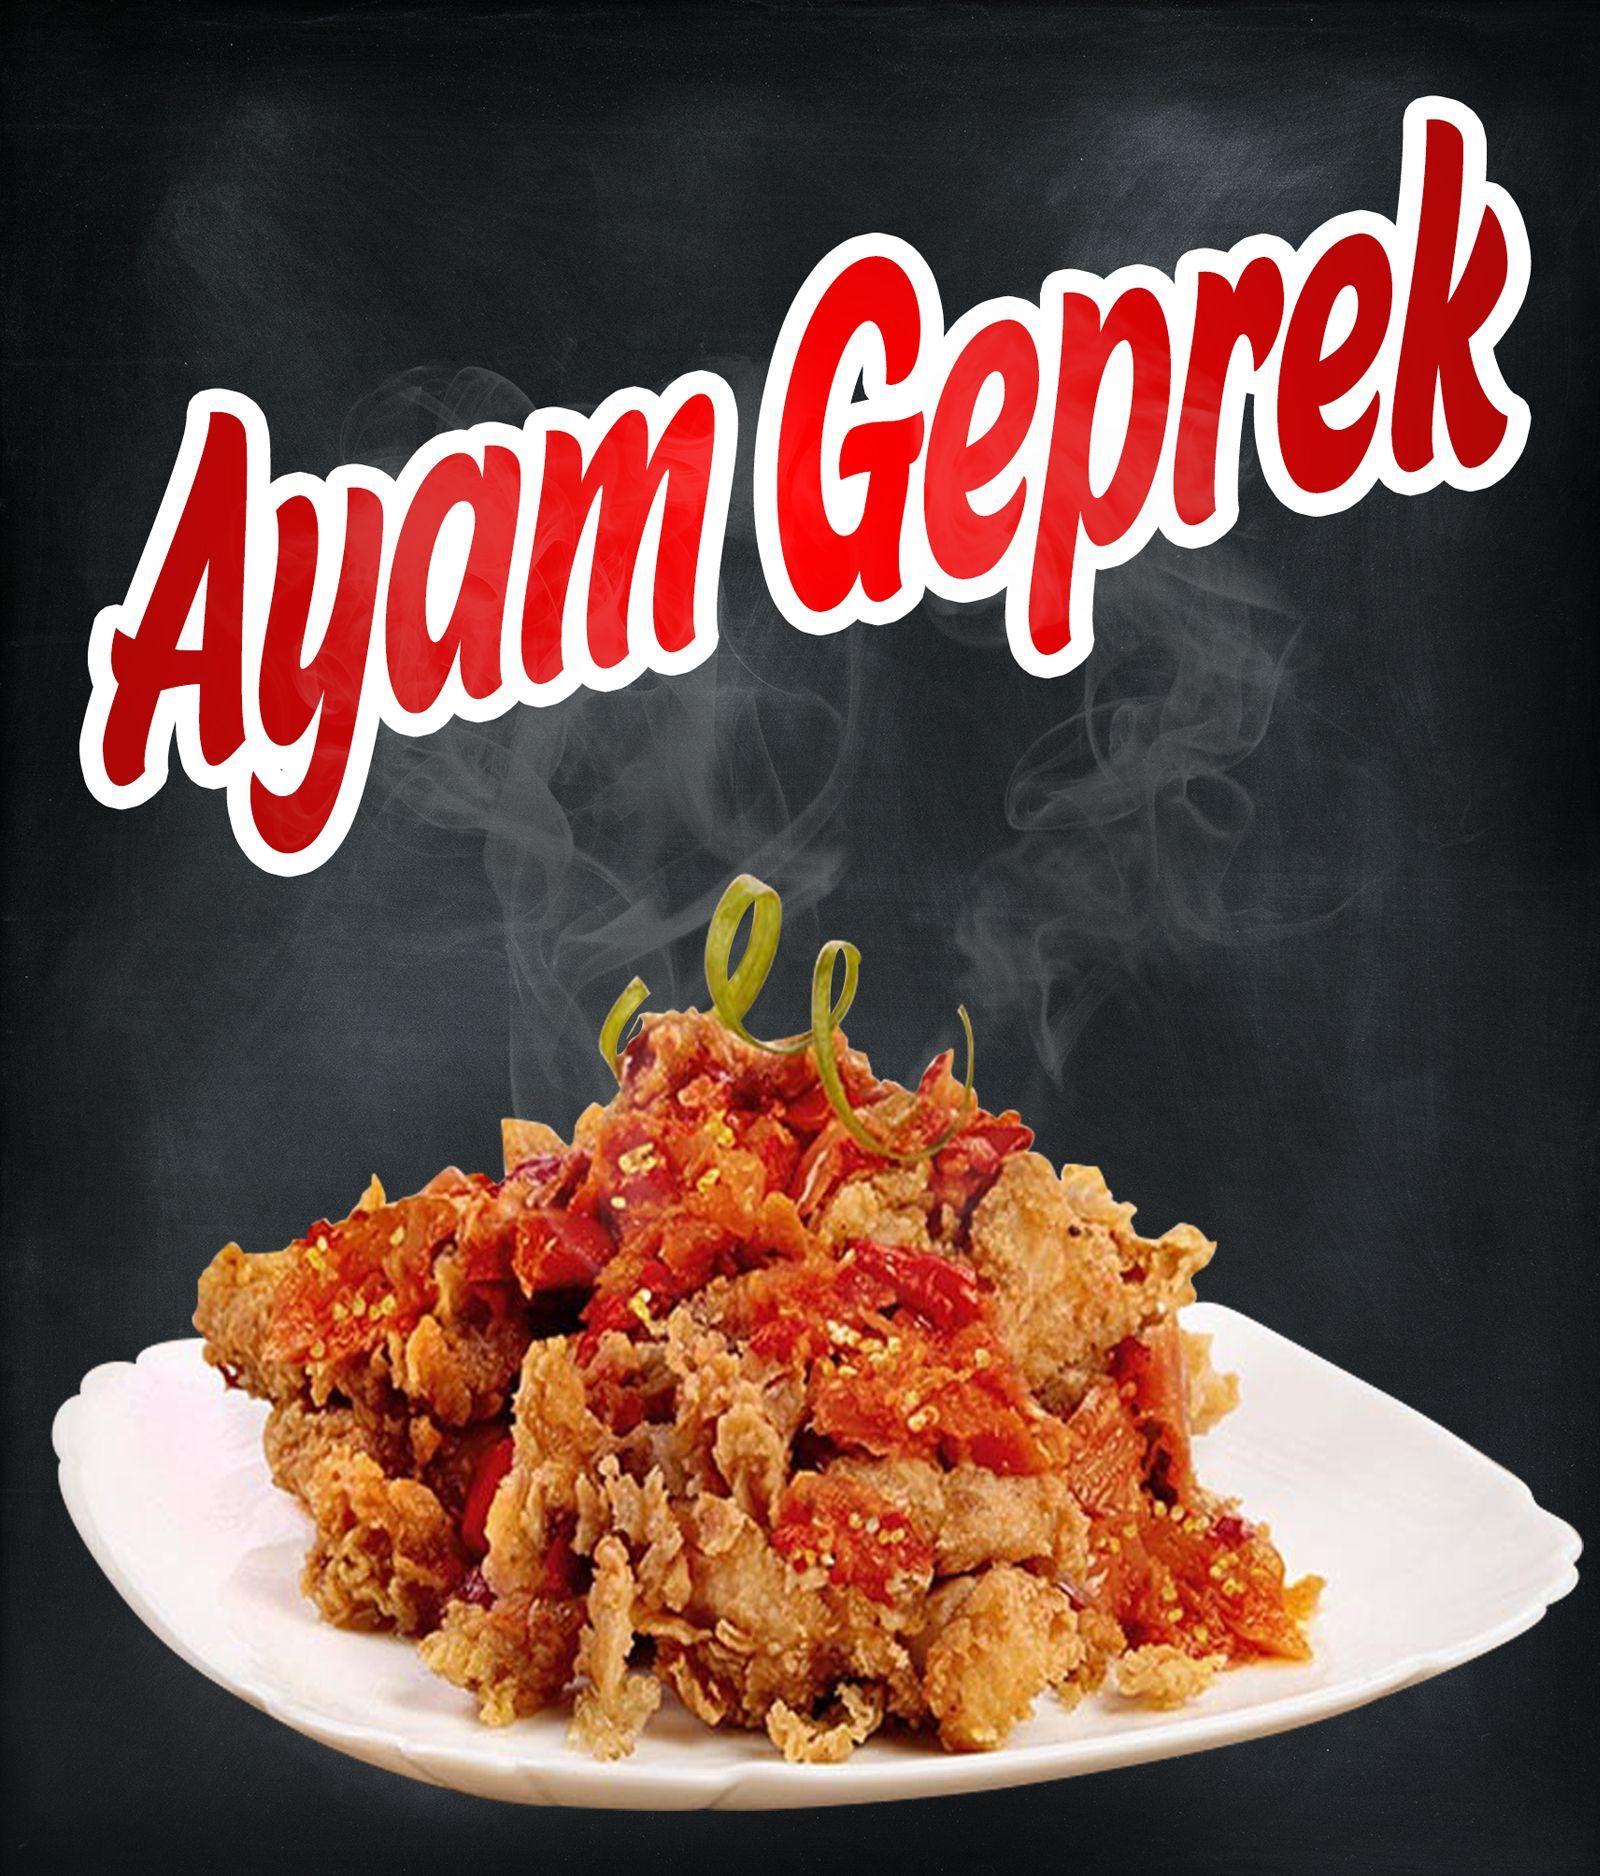 Ayam Geprek Poster Concept For Onefriedchicken Ayam Makanan Ayam Variasi Makanan